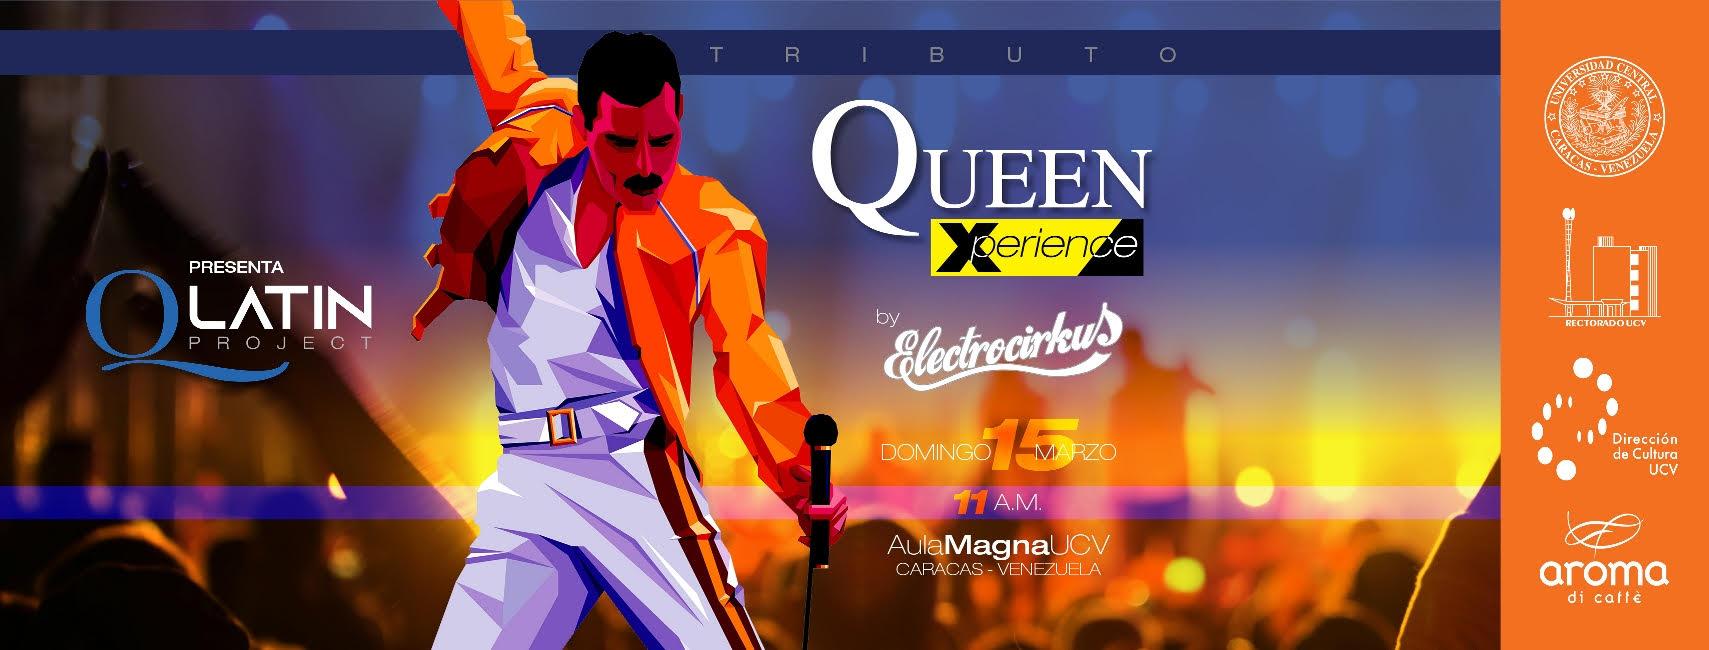 Tributo a Queen en el Aula Magna